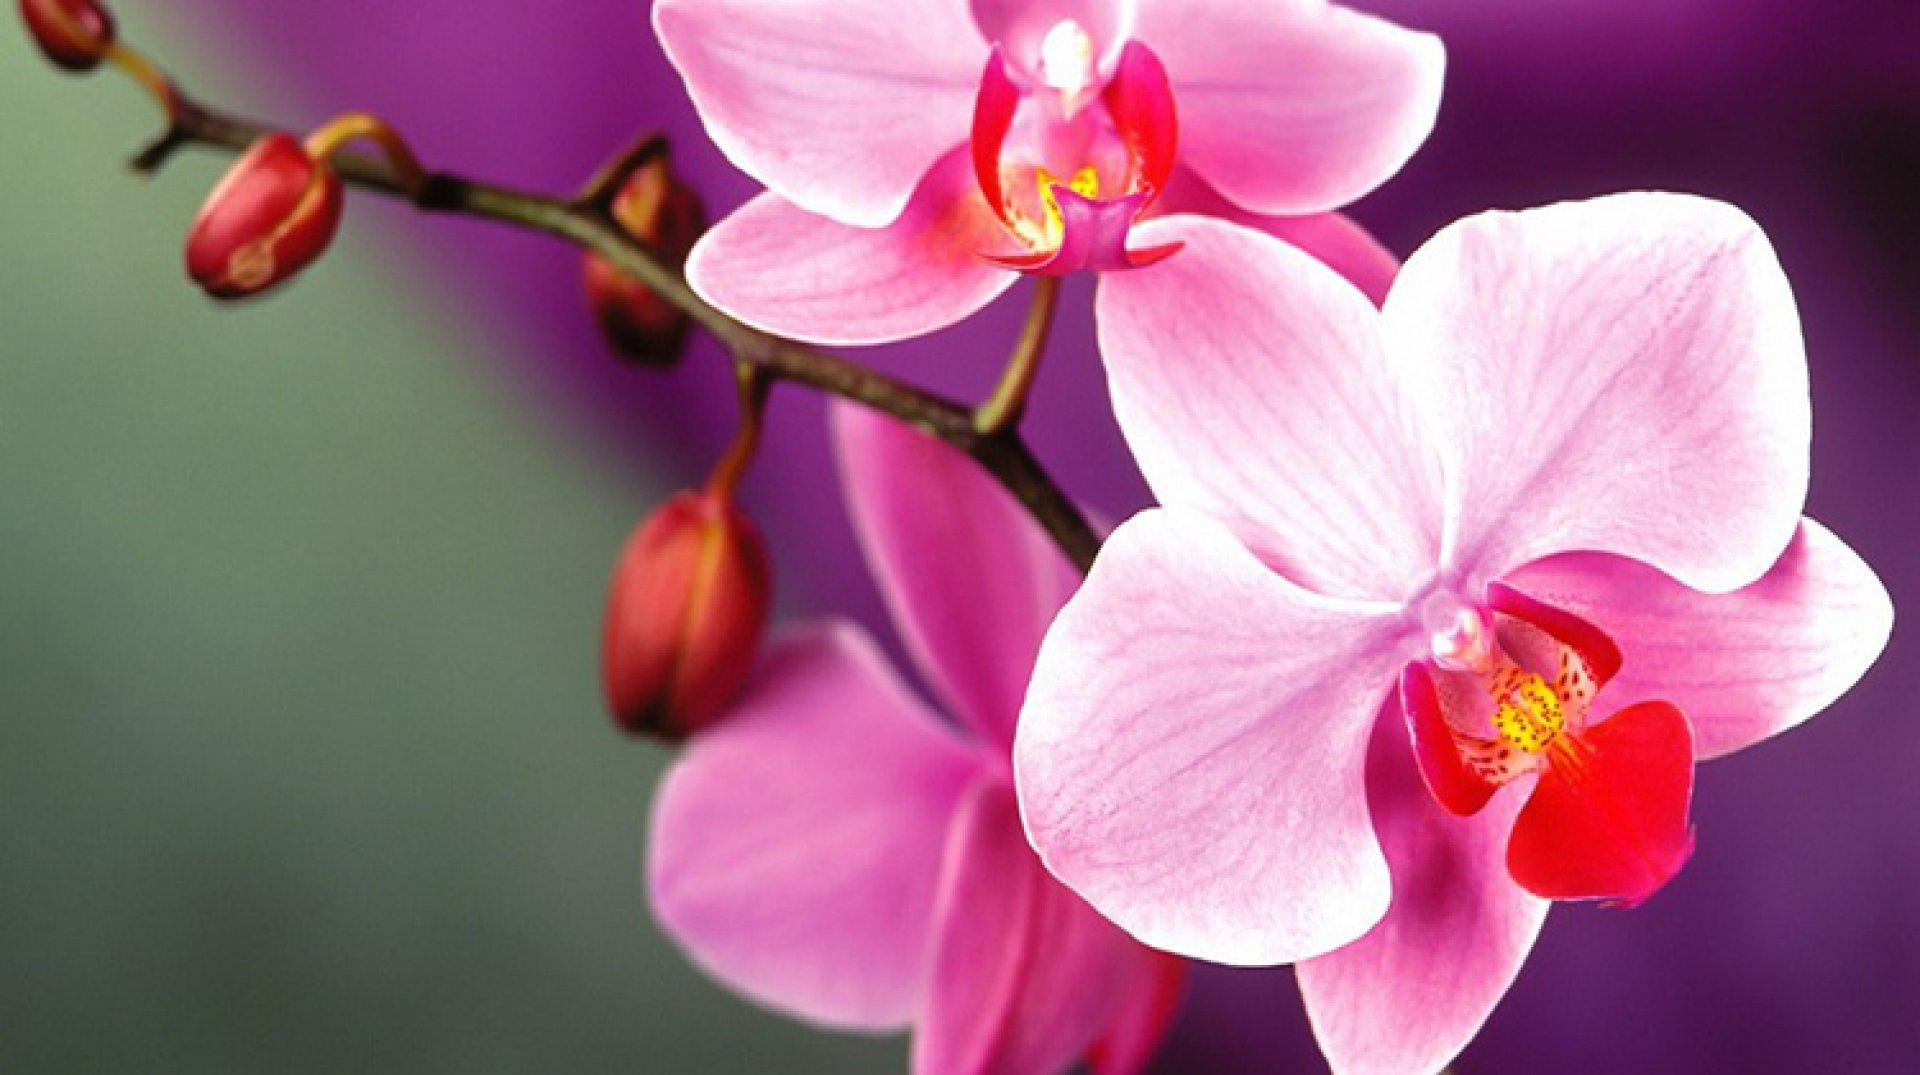 орхидеи фото в высоком разрешении винчи